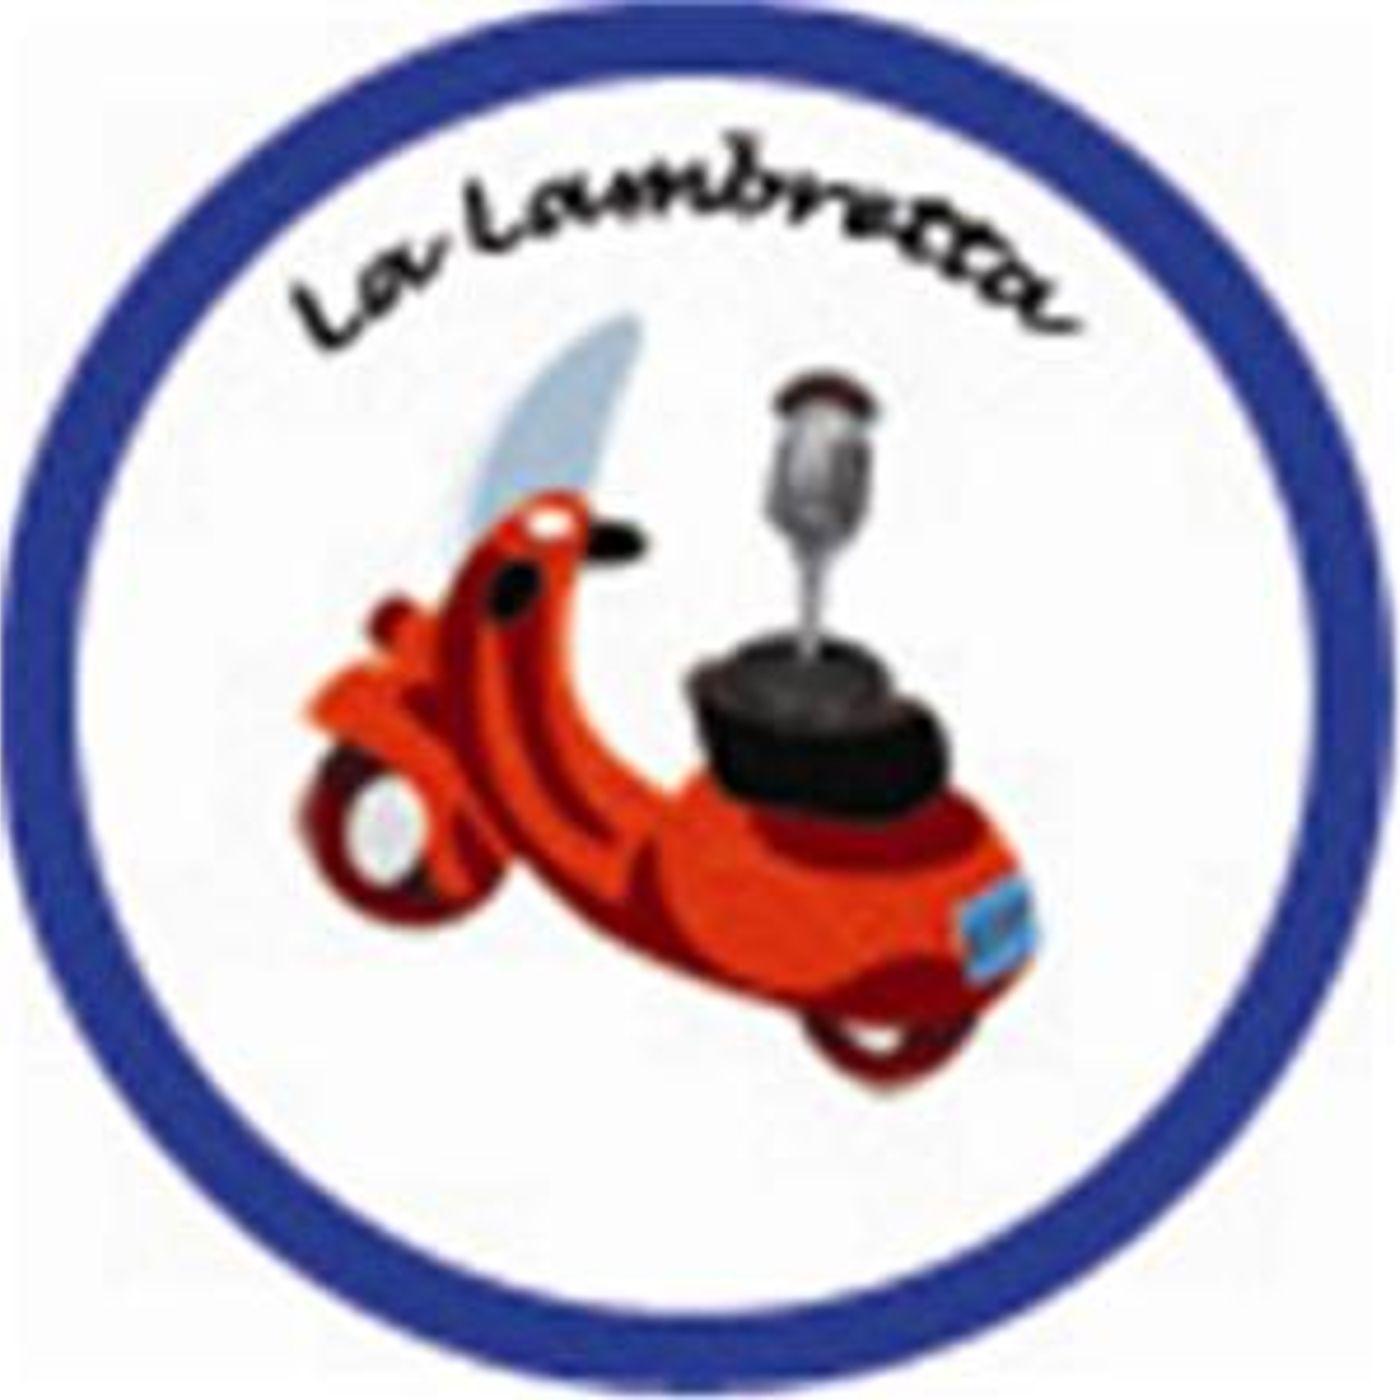 La Lambretta bilingual Gold Cup Final show